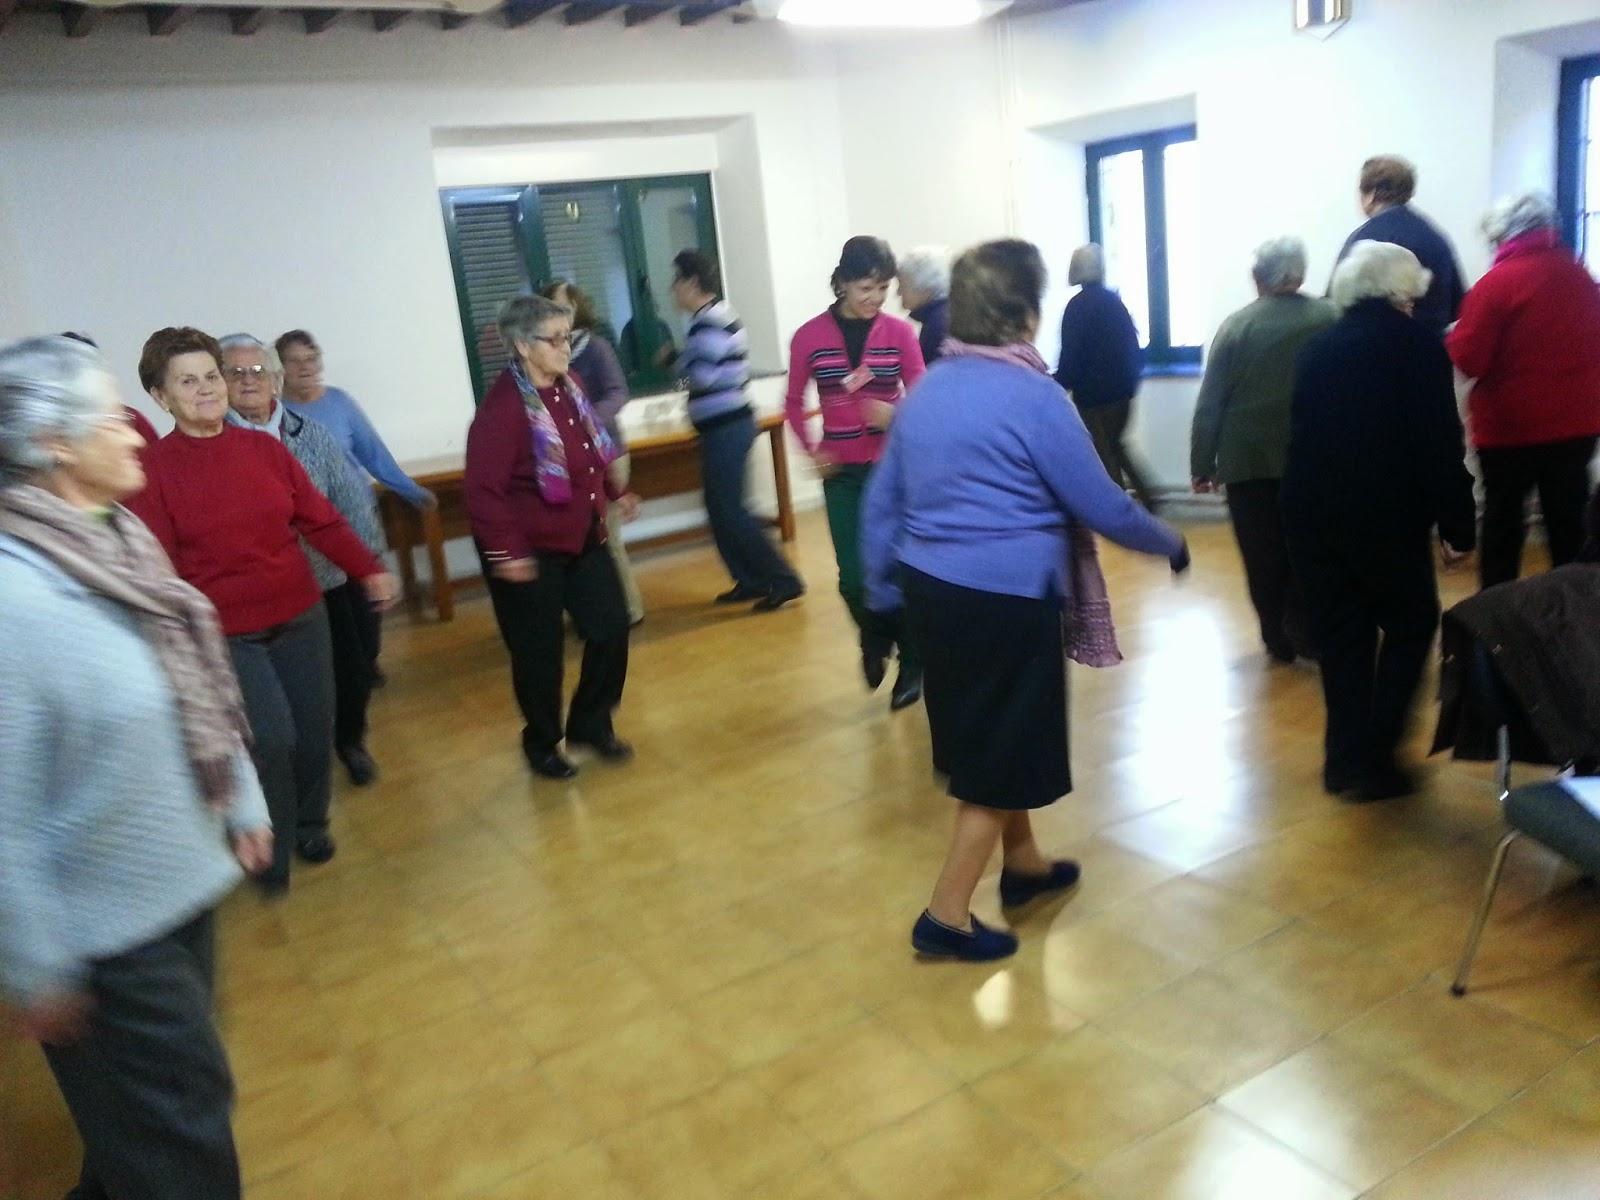 Encuentro de personas mayores en béjar organizado por cruz roja